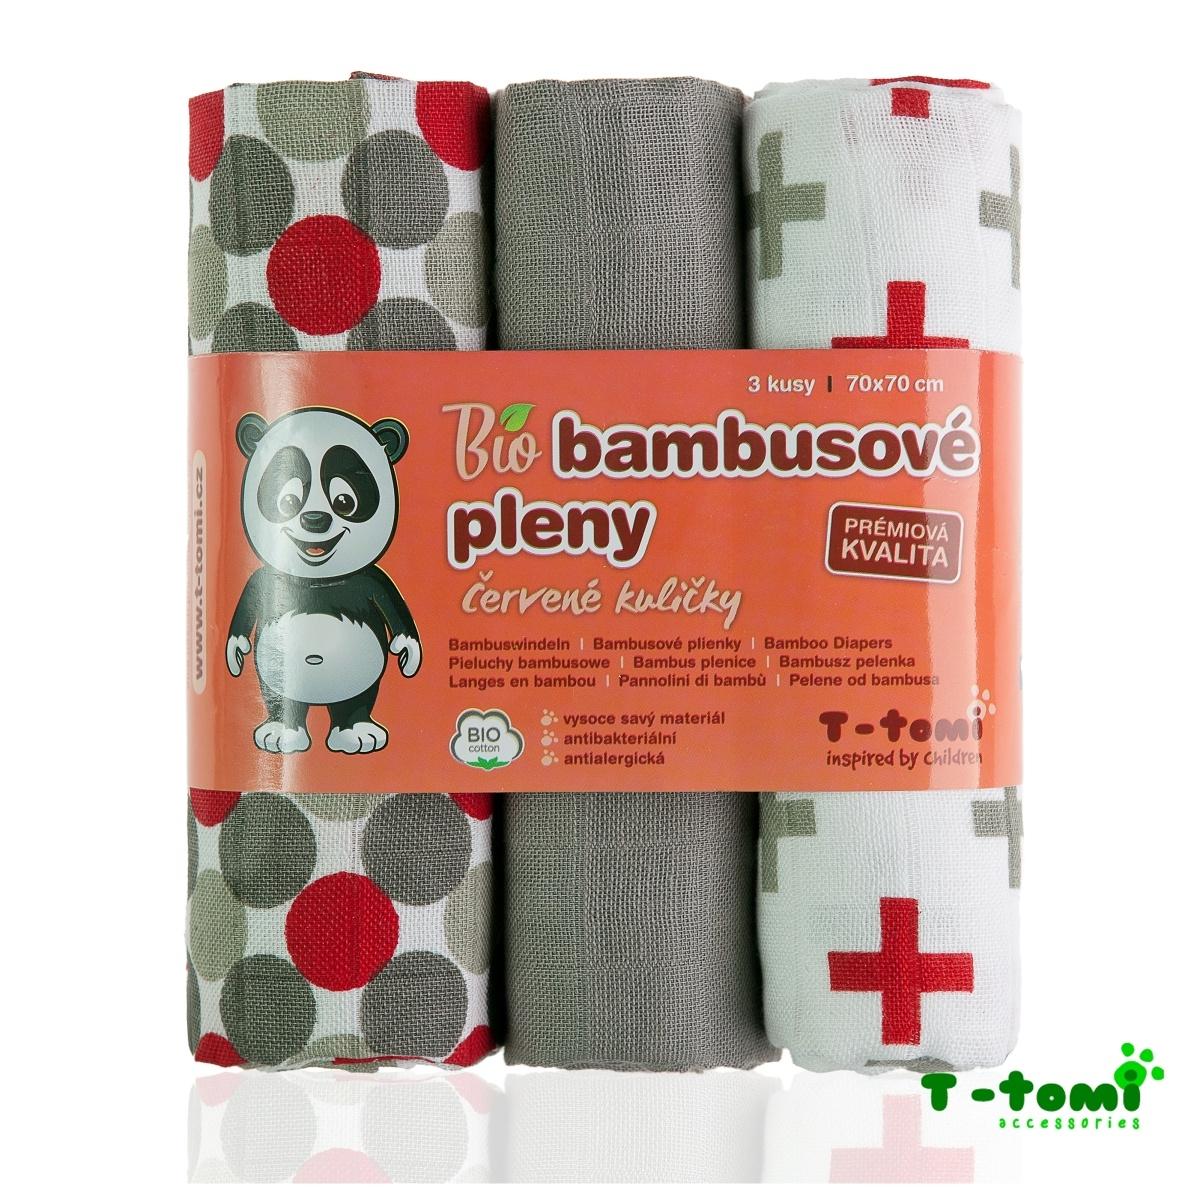 T-tomi BIO Bambusové pleny 3ks, červené kuličky